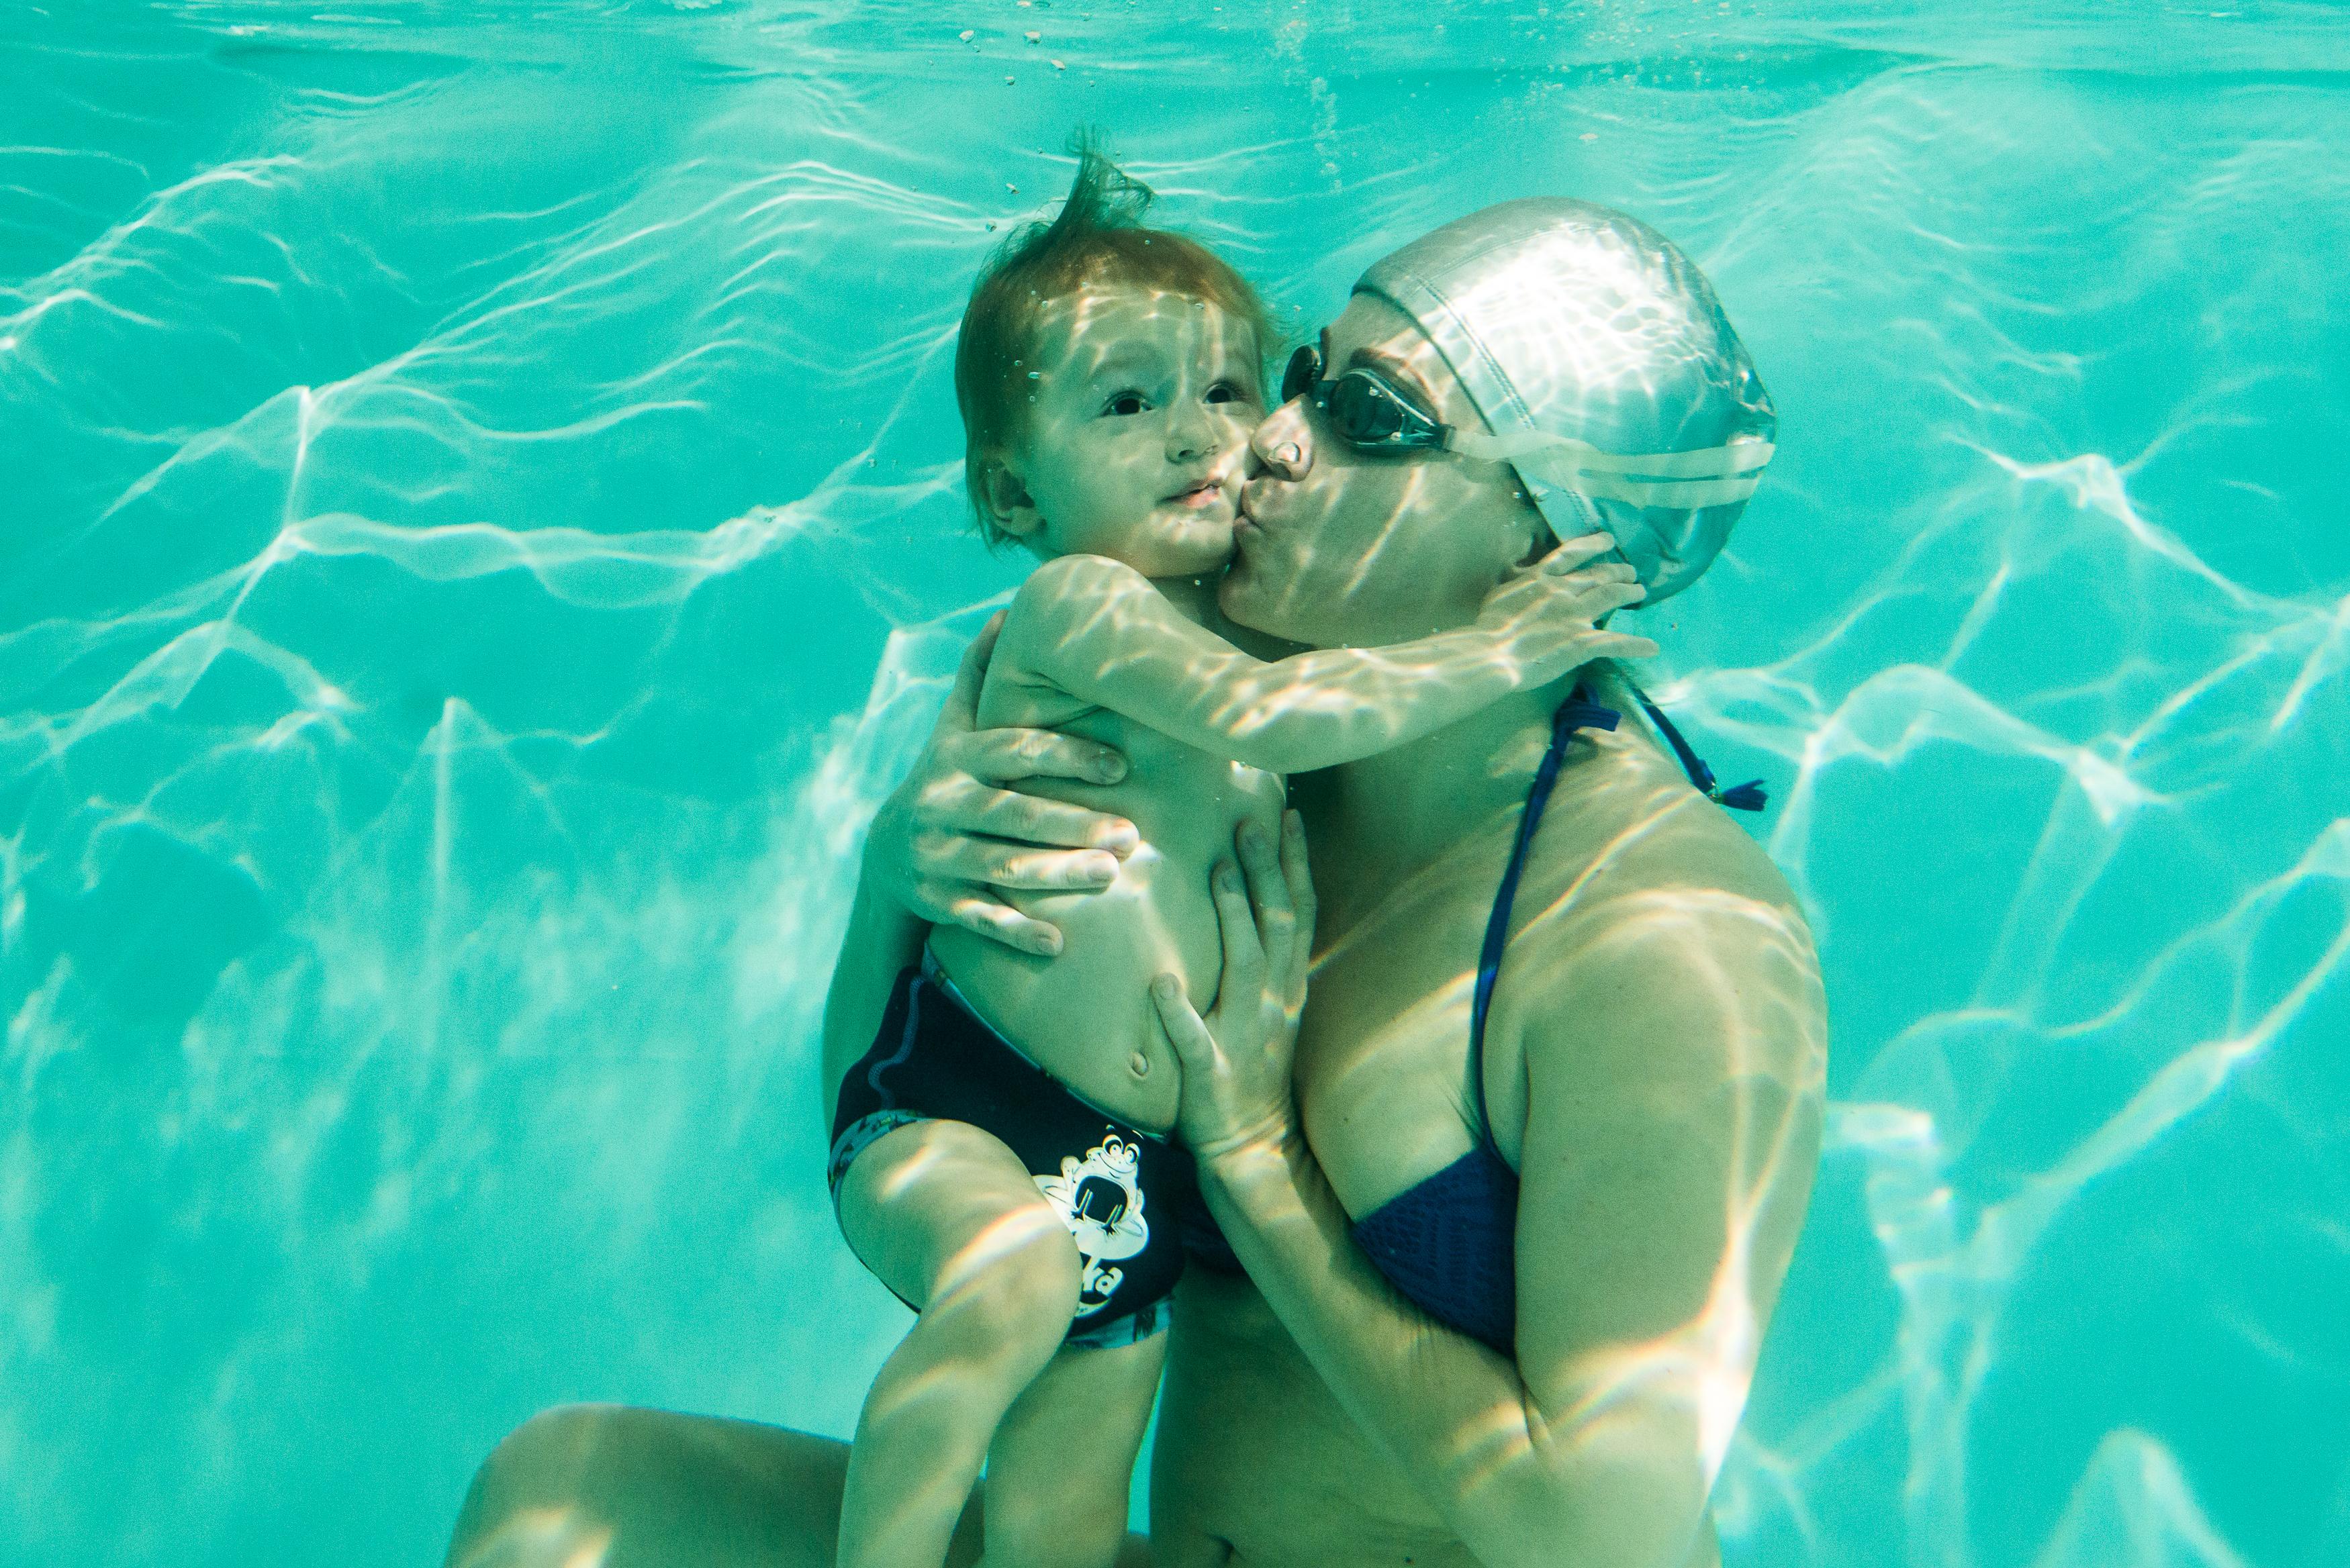 aqua baby photo 3